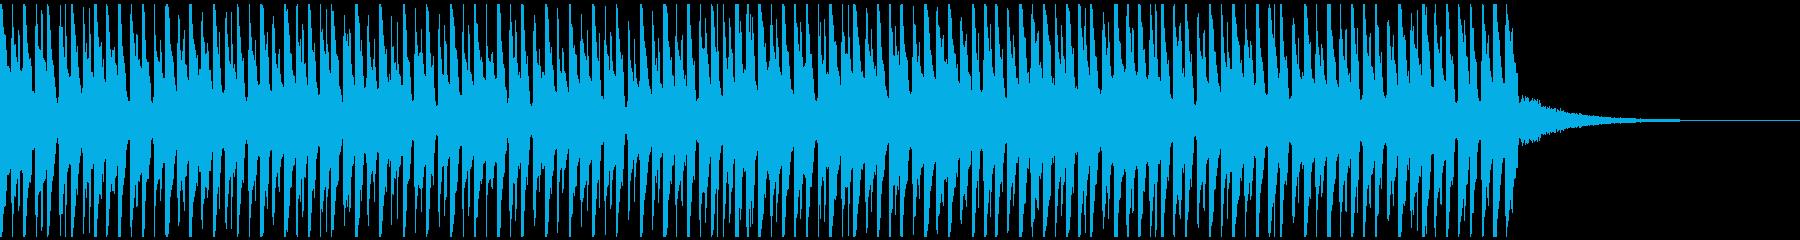 ハッピーアンドサニー(ショート)の再生済みの波形